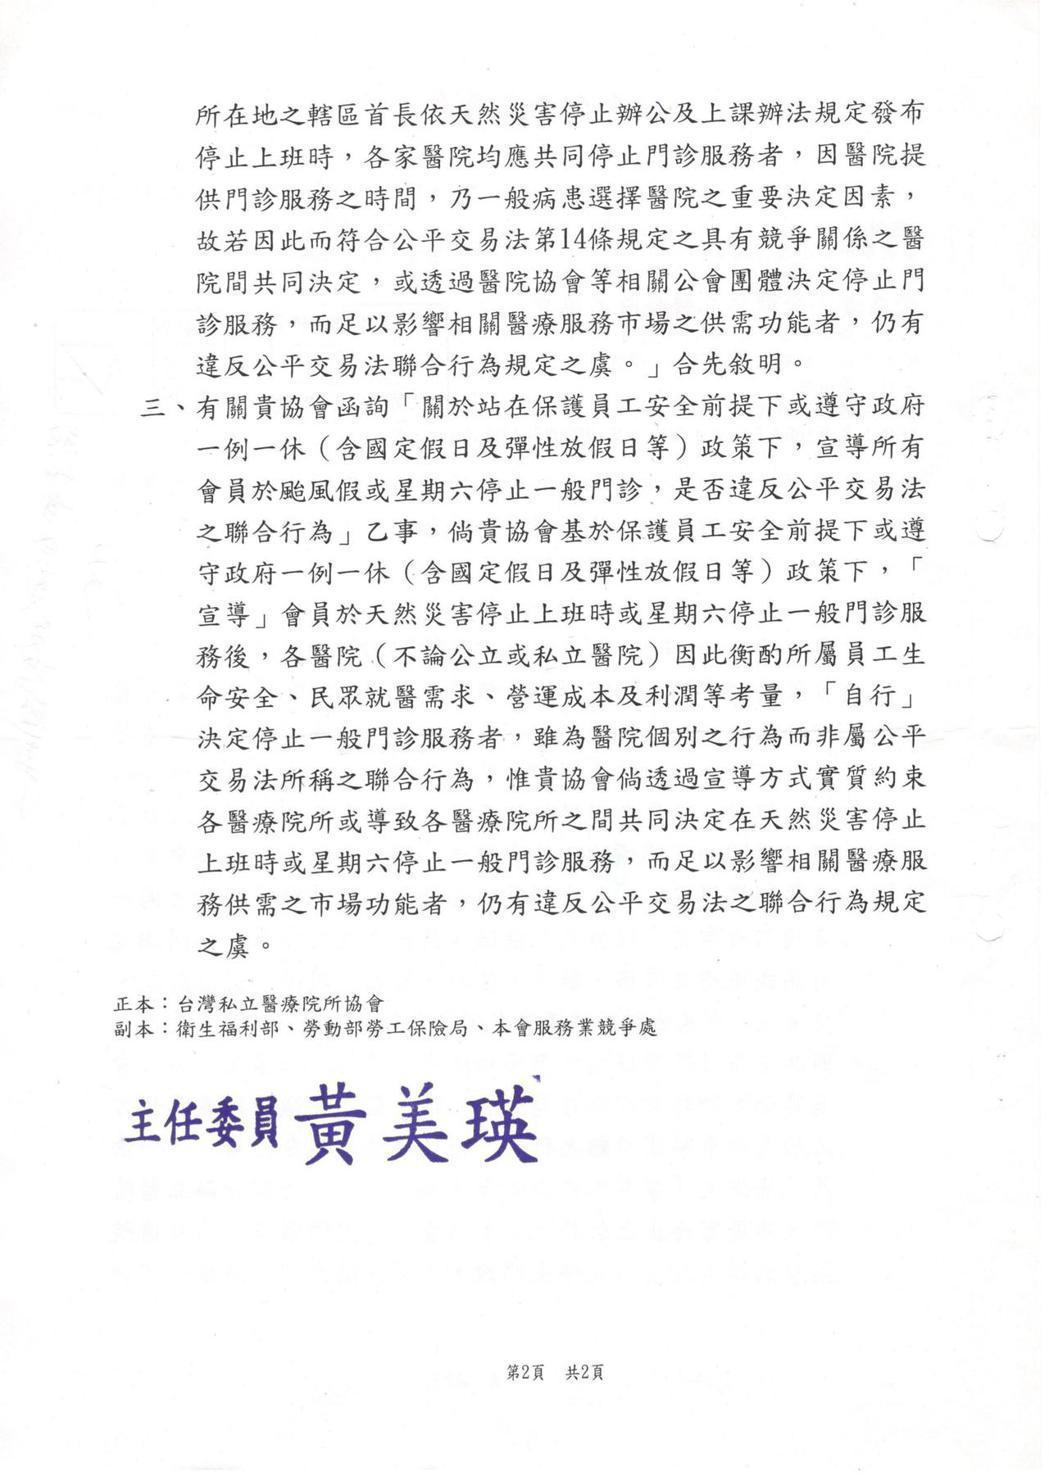 台灣私立醫療院所協會7月曾函詢公平會,詢問宣導颱風假或周六停診是否違法,獲函復,...